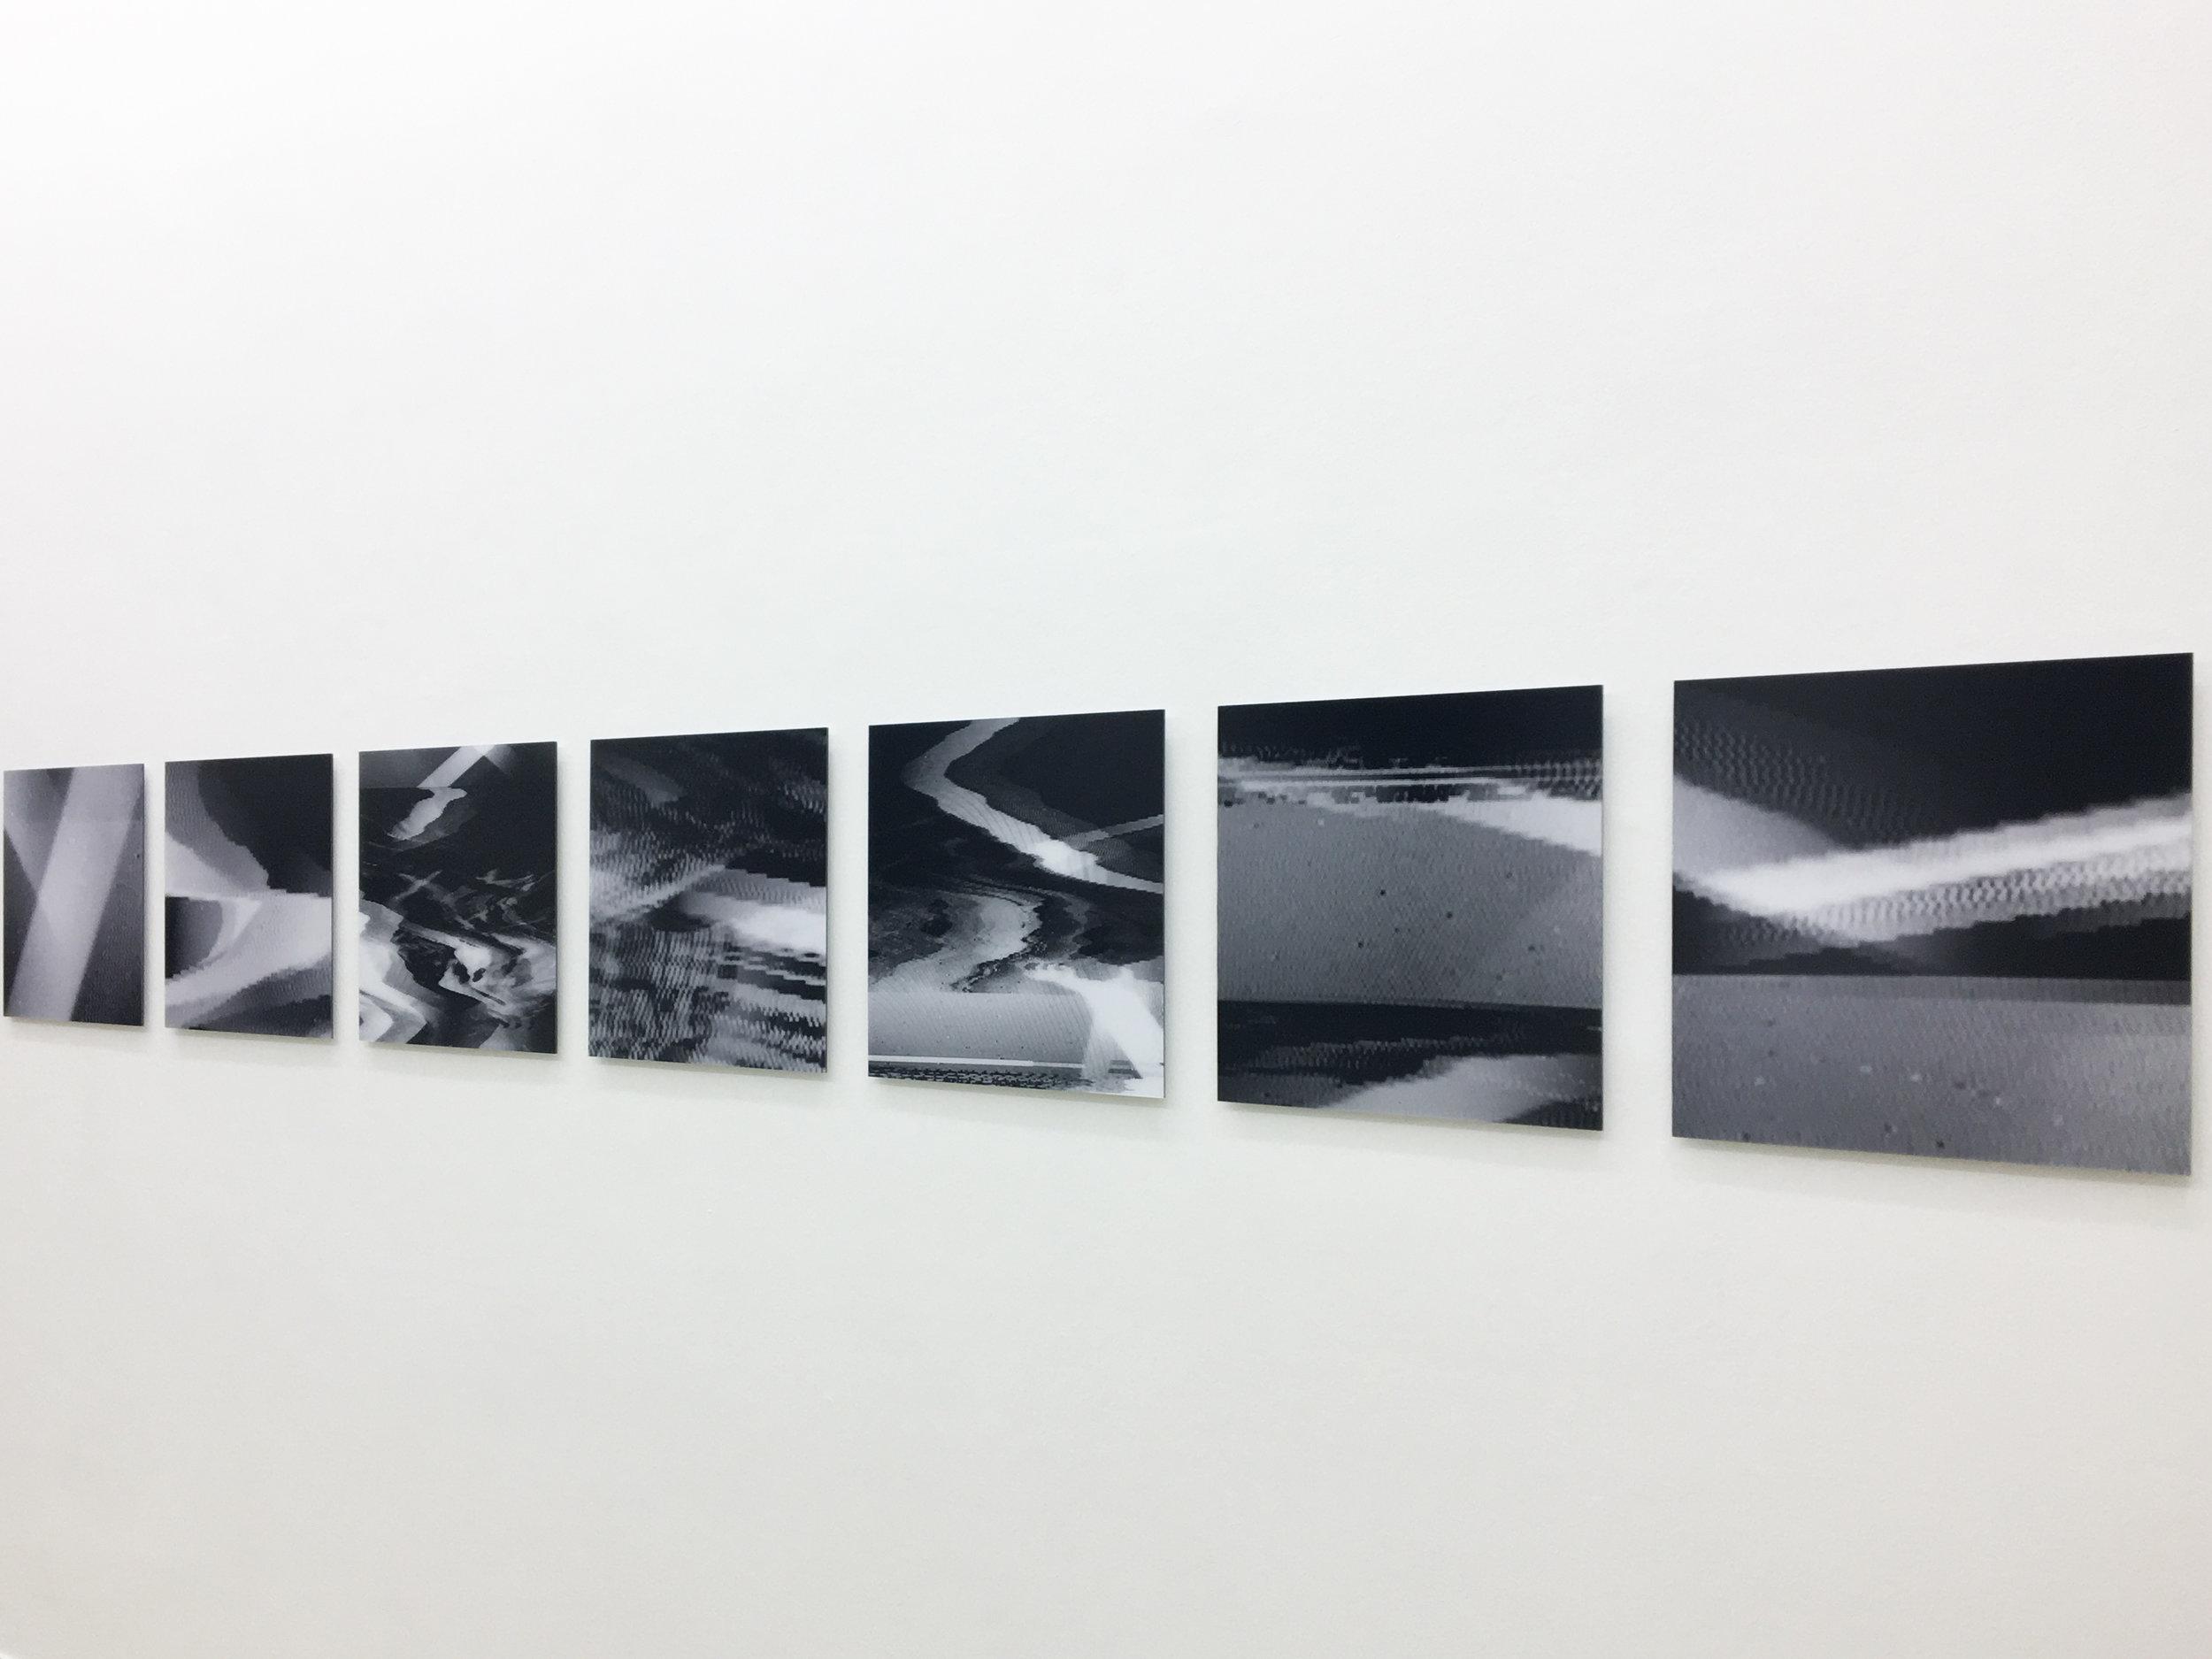 Works from Susann Dietrich